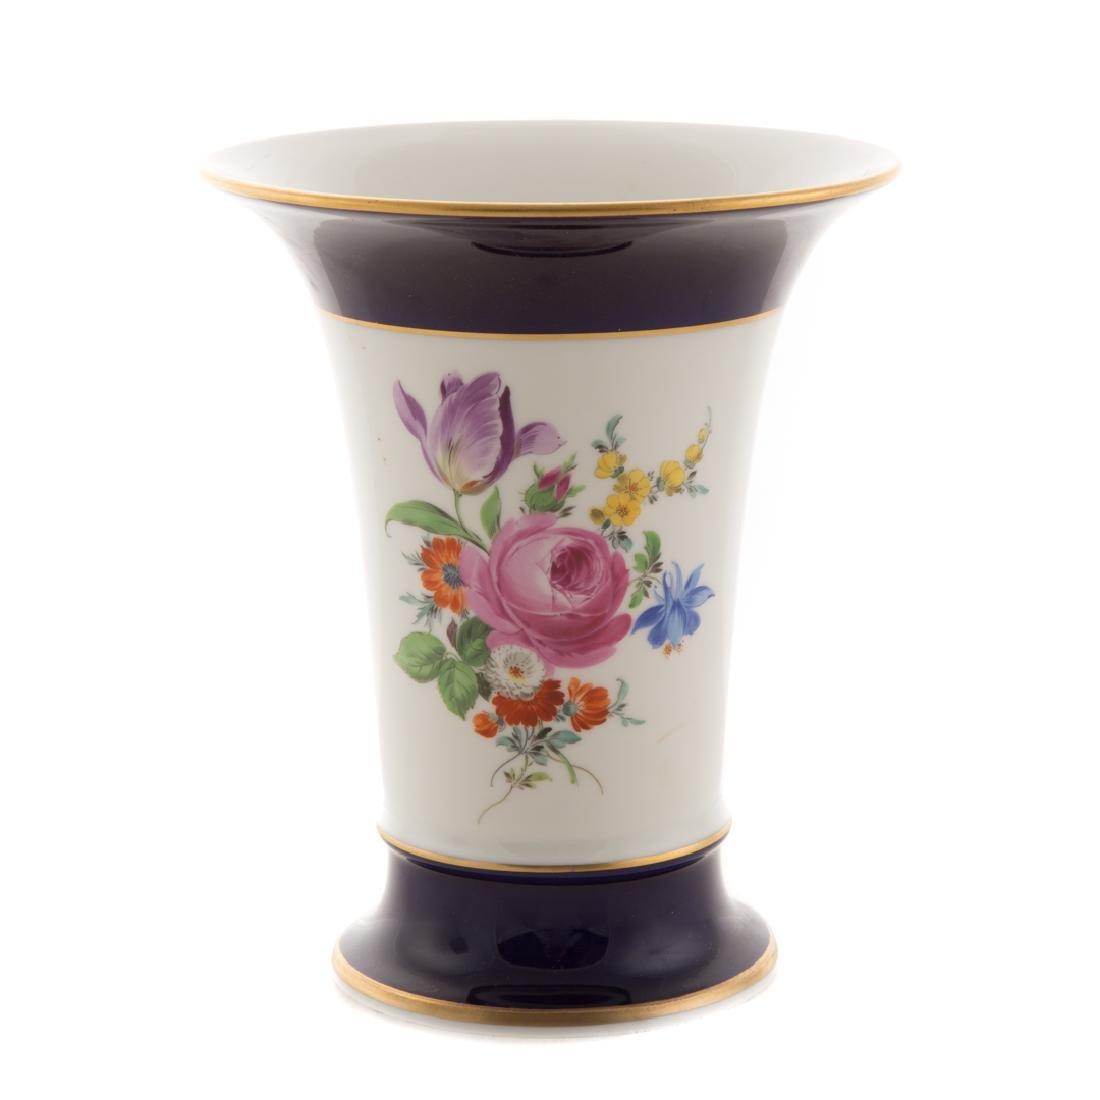 Meissen porcelain dish and beaker vase - 9